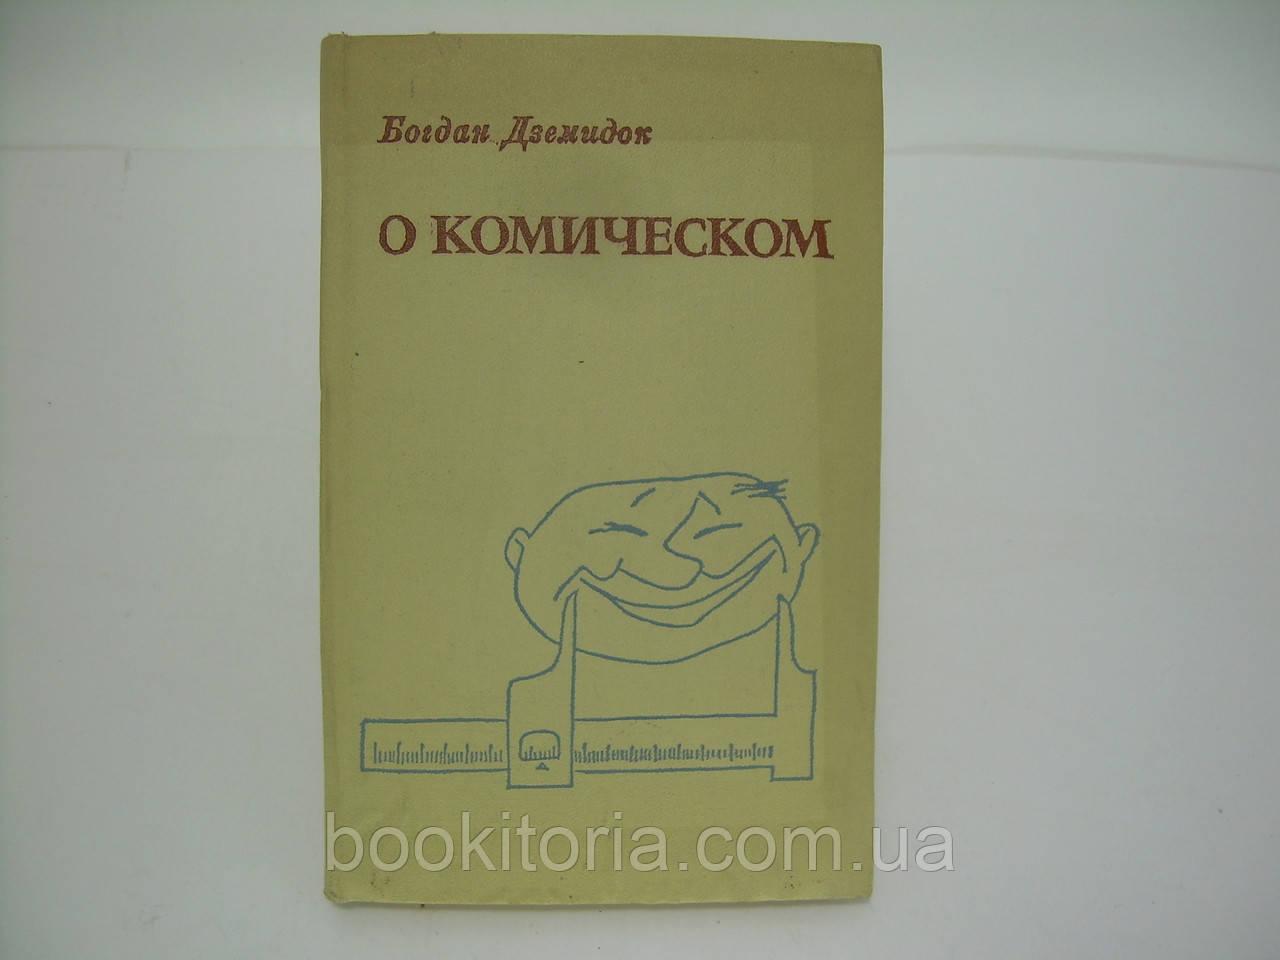 Дземидок Б. О комическом (б/у).